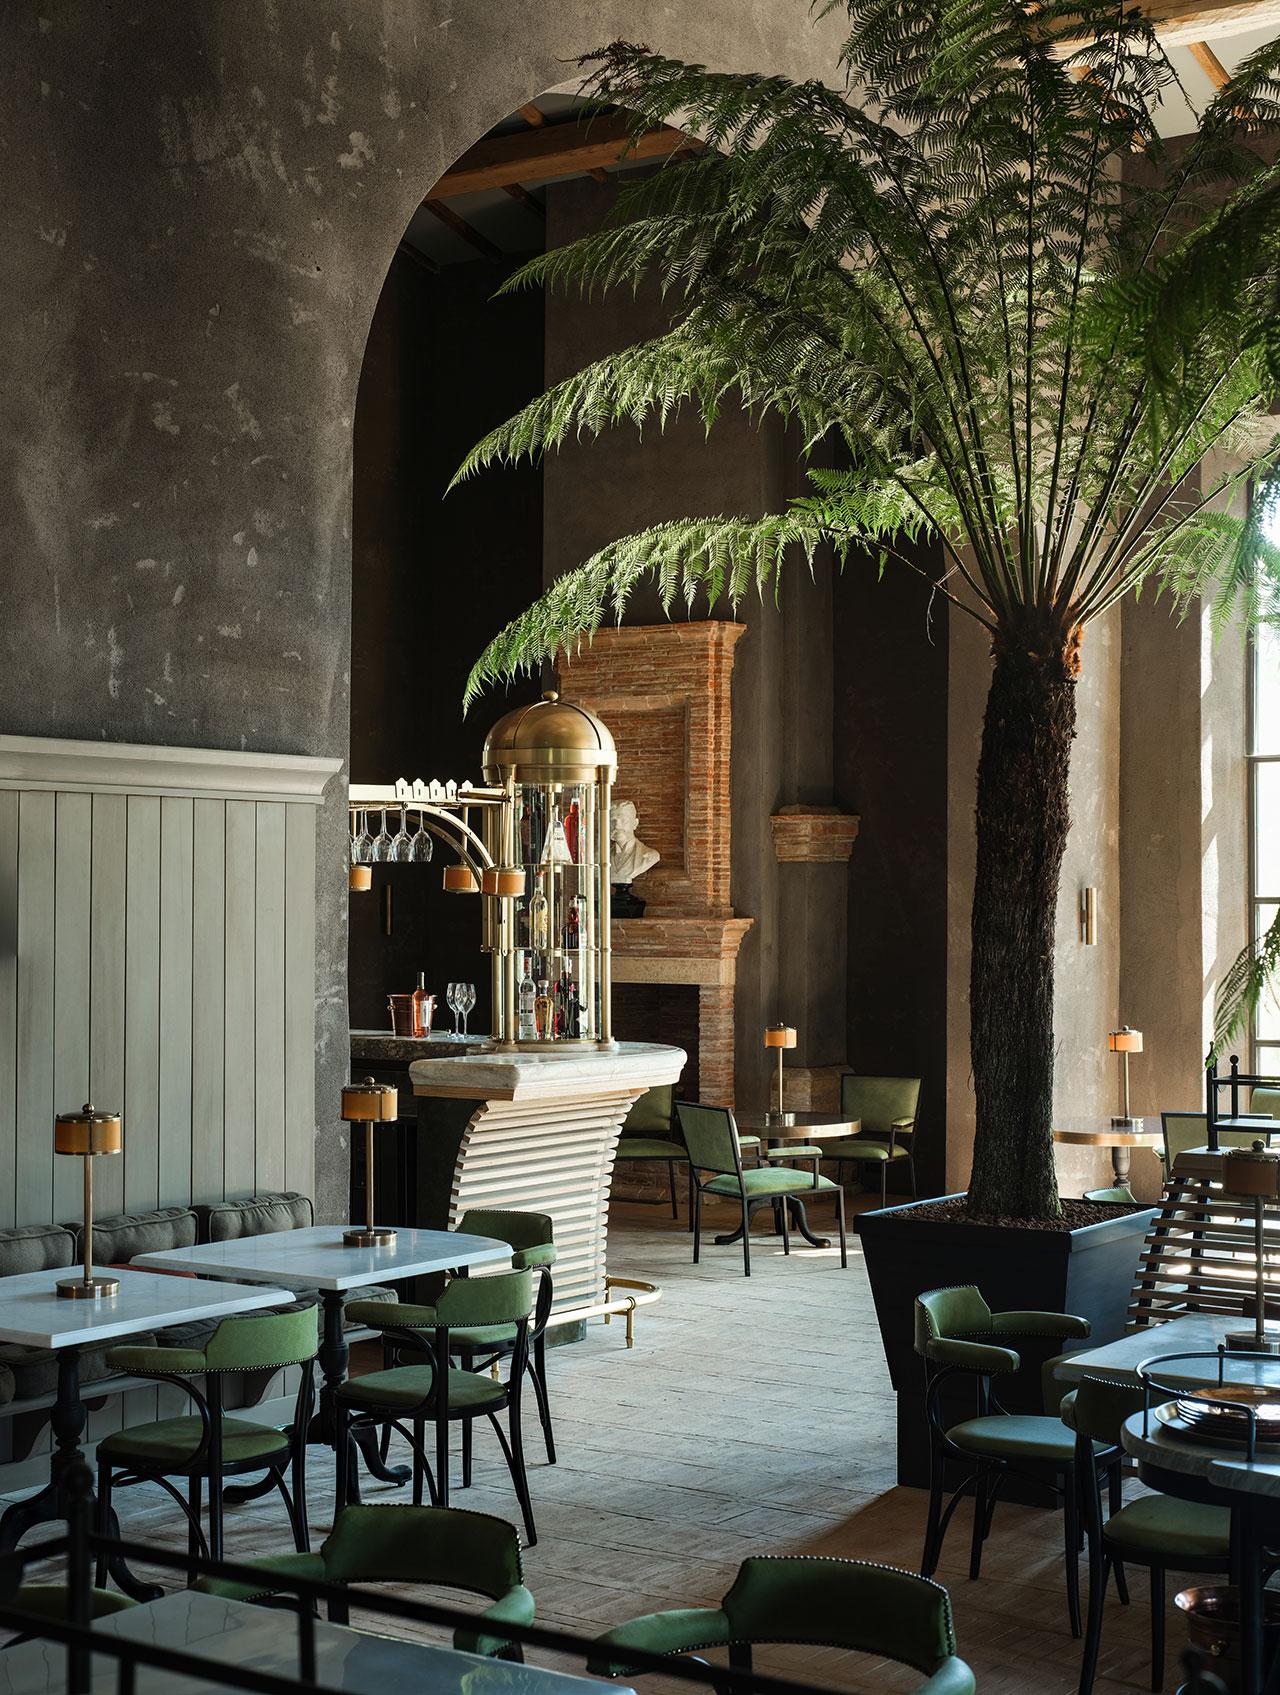 Ristorante Alle Scuderie & Bar Centrale di Reschio.Photo ©Reschioestate.